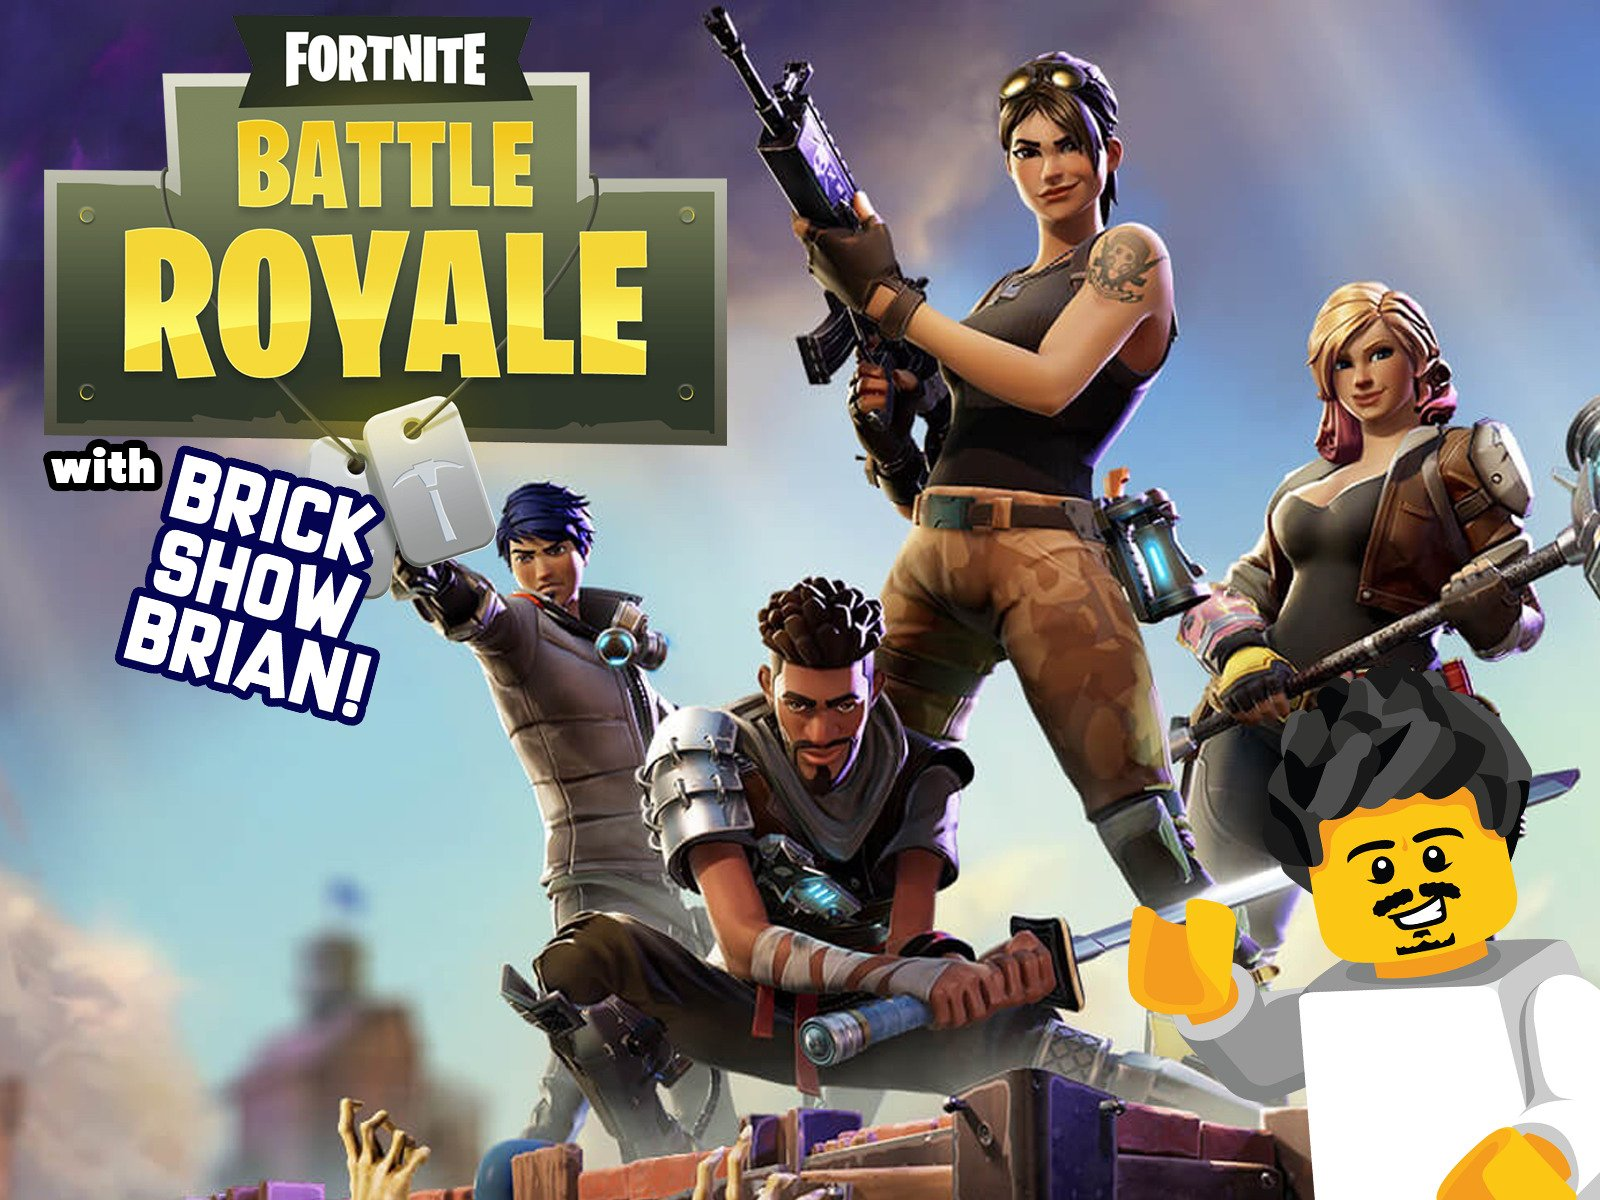 Clip: Fornite Battle Royale with Brick Show Brian - Season 1